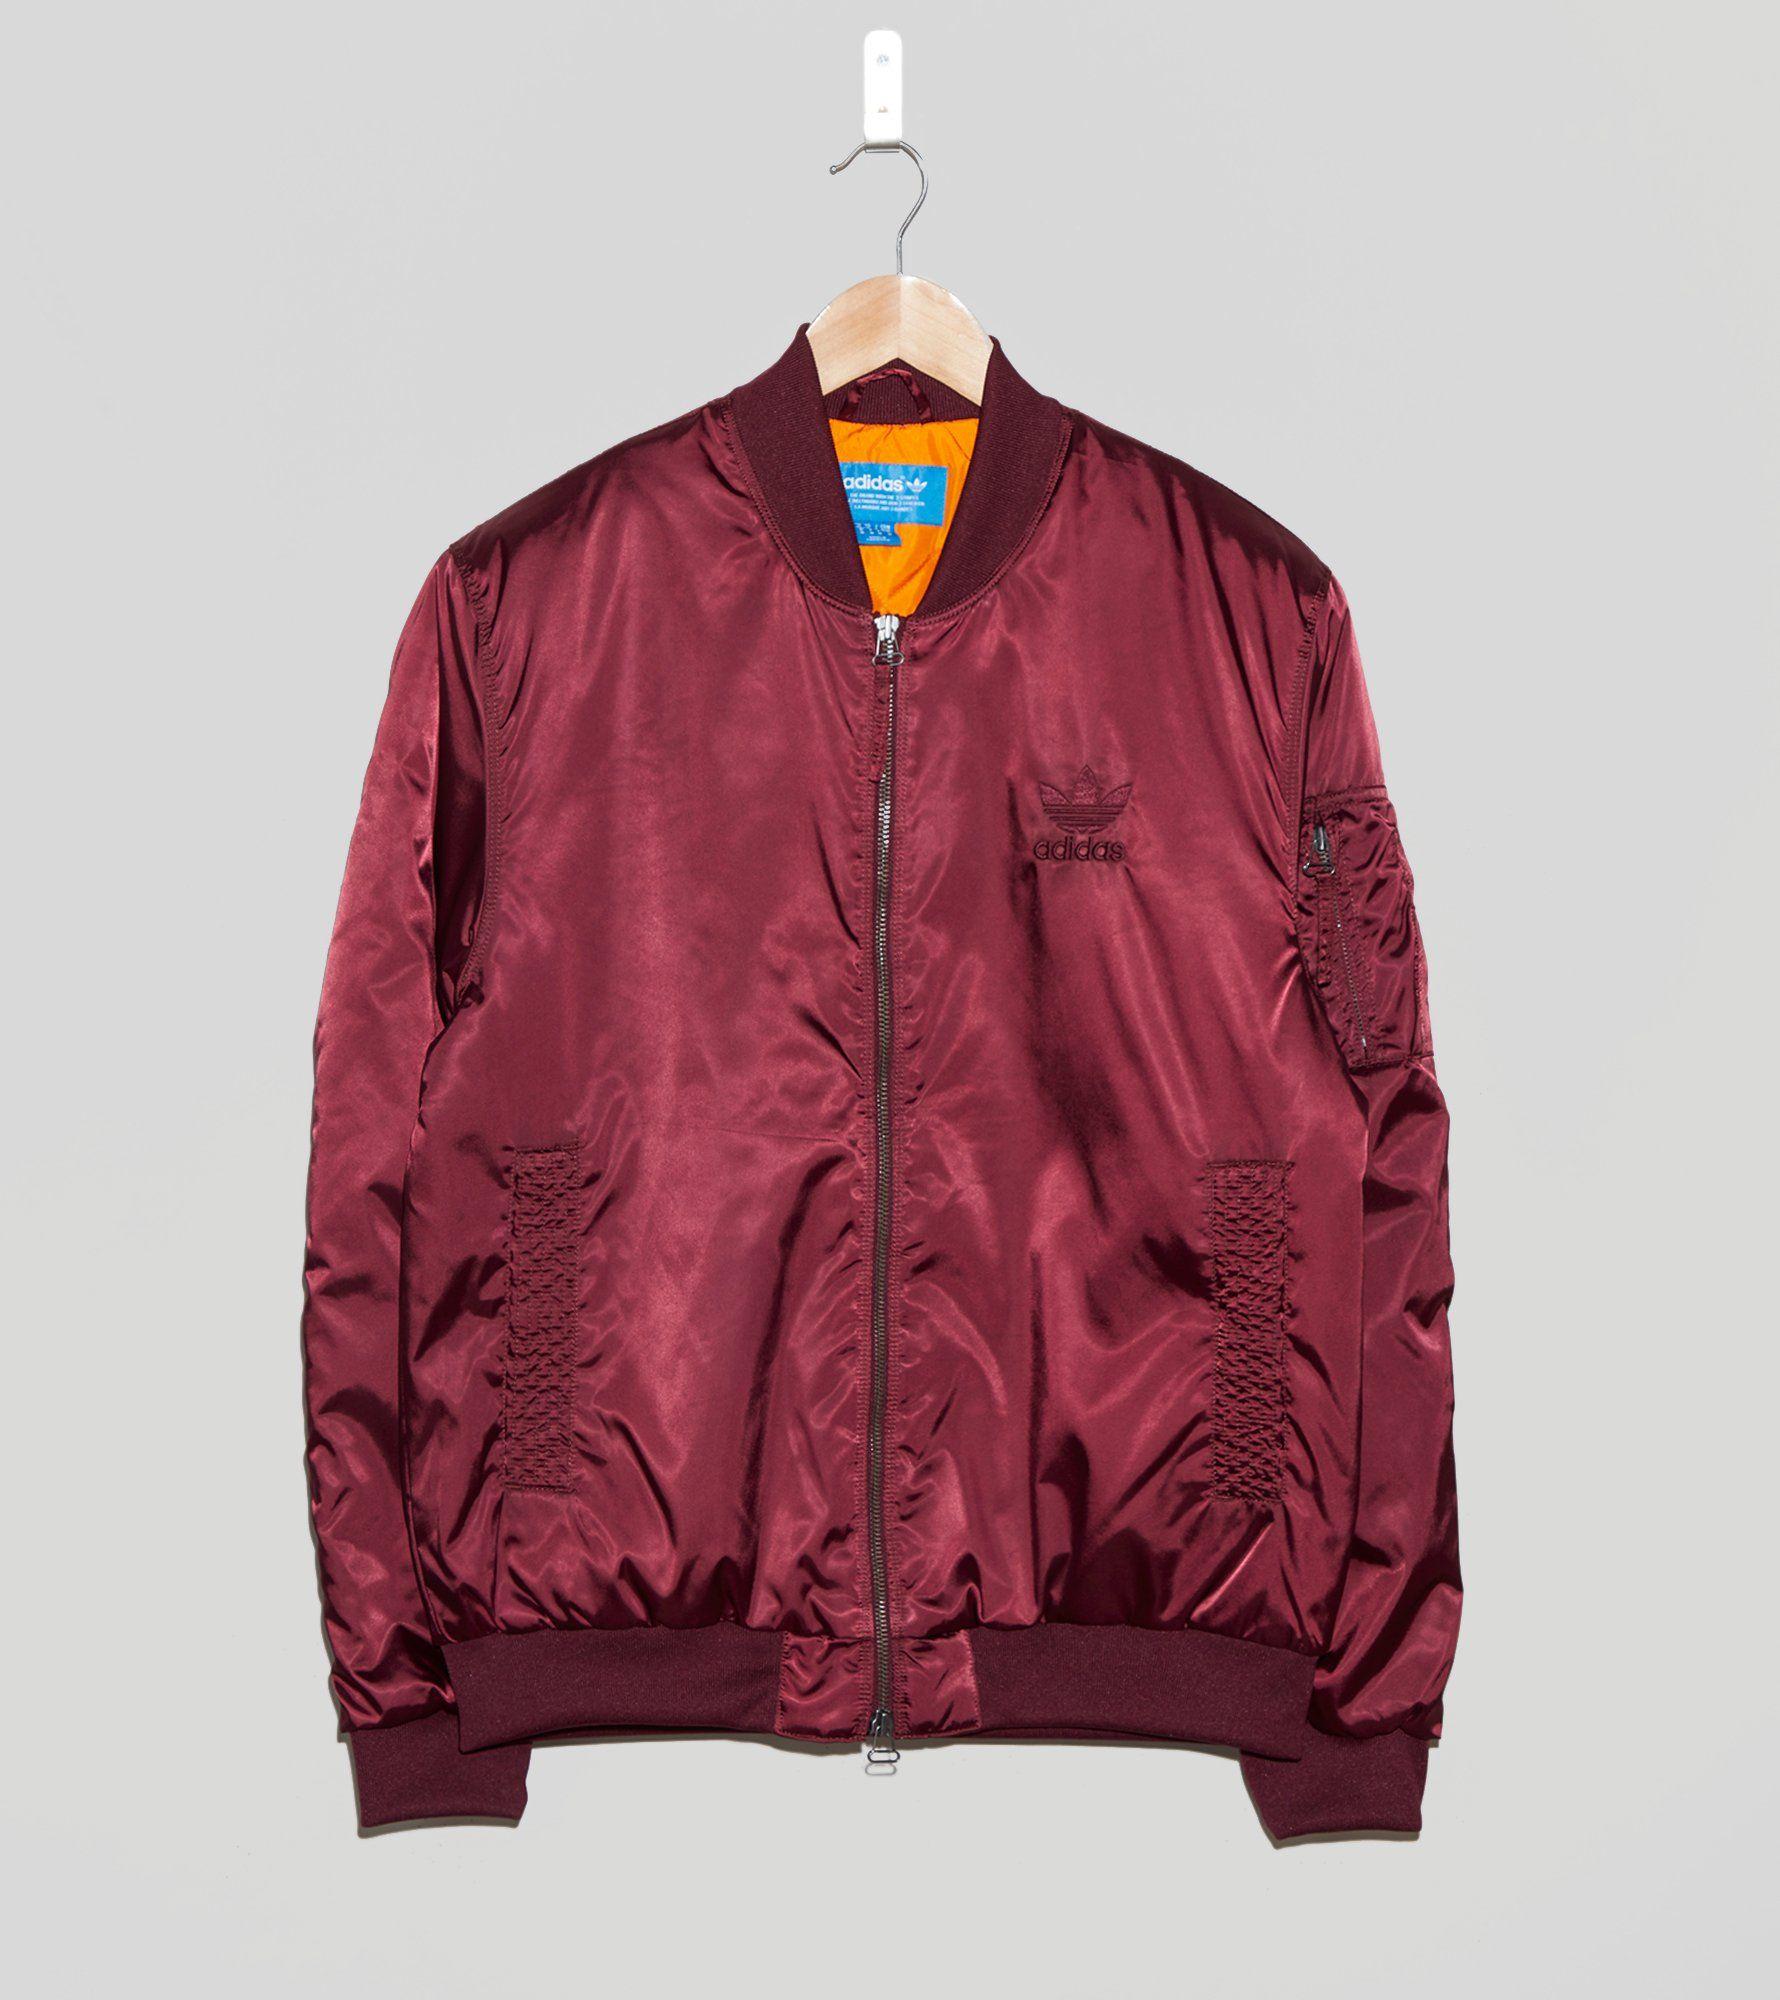 ¿Adidas Originals MA1 Superstar chaqueta bomber talla?